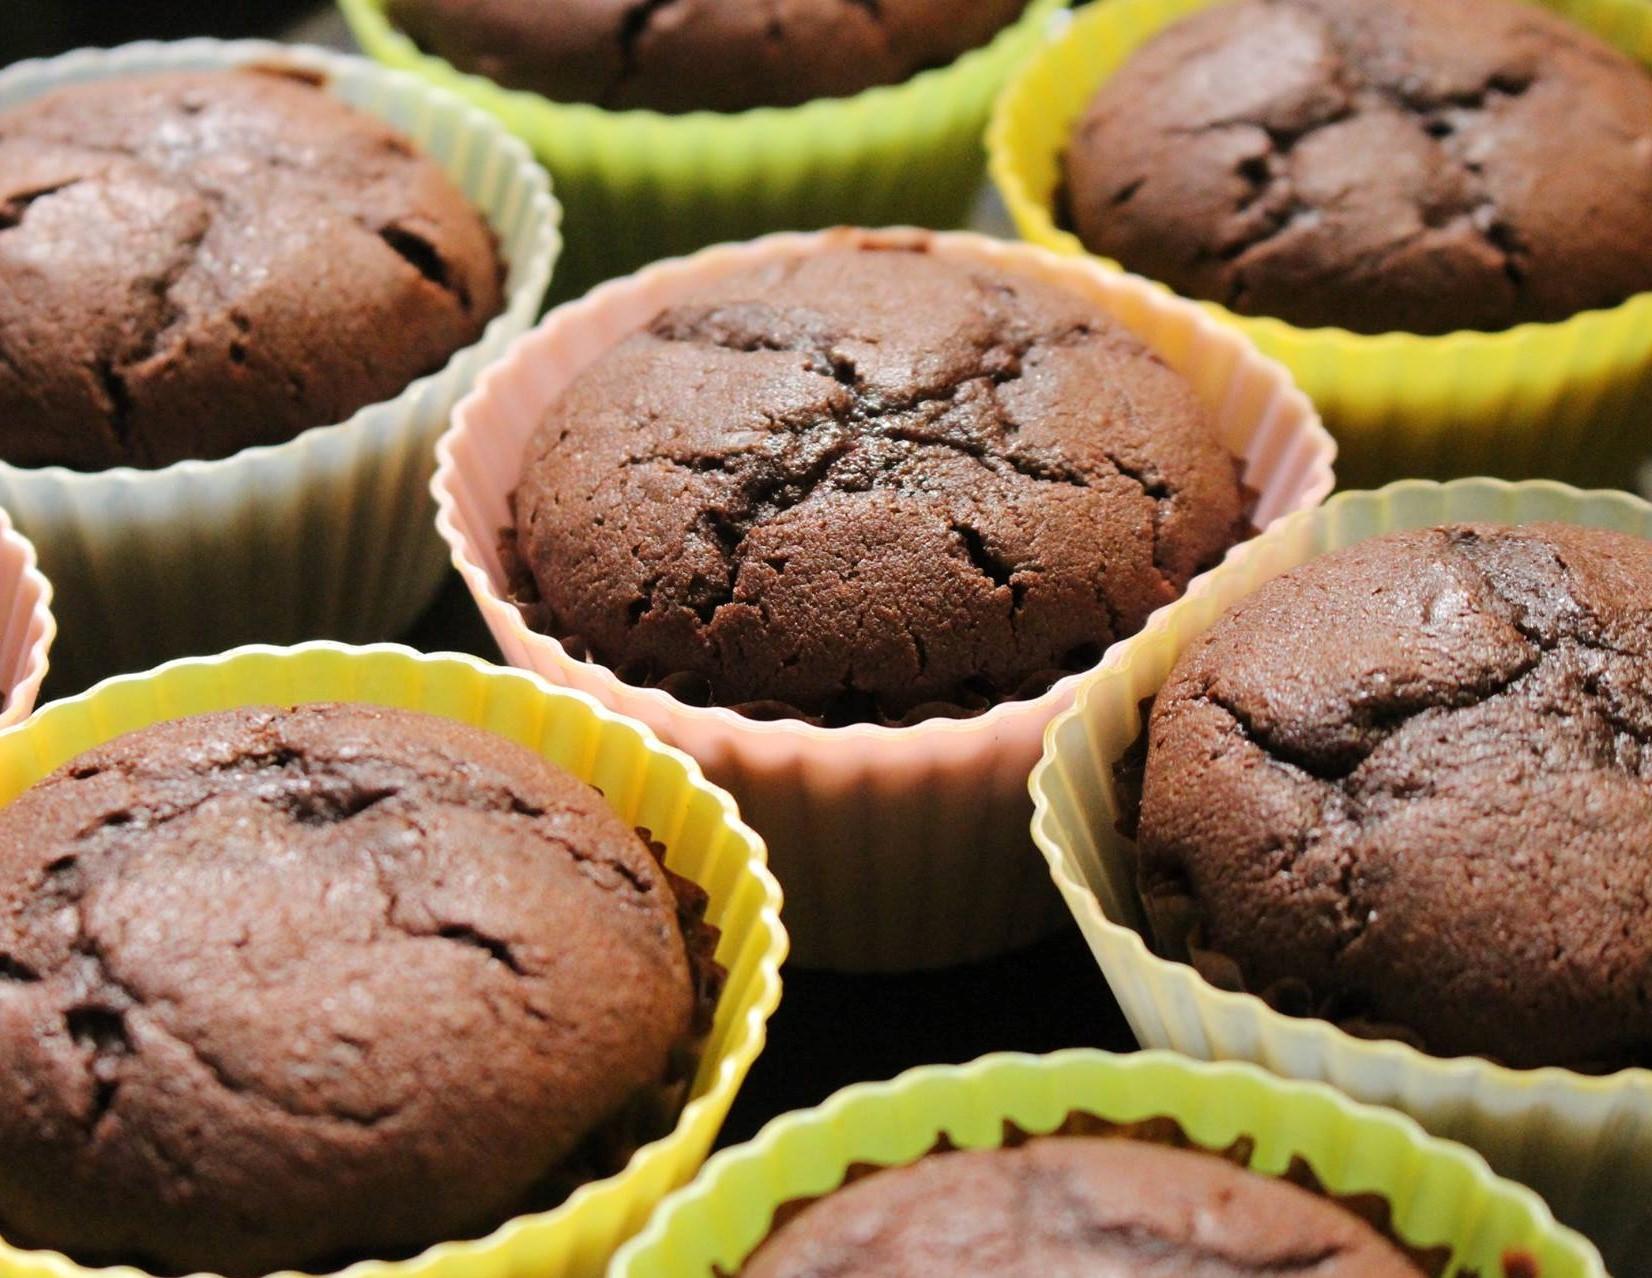 công thức cupcake socola kem bạc hà 9 công thức cupcake socola kem bạc hà Công thức cupcake socola kem bạc hà mát lạnh dễ ăn cong thuc cupcake socola kem bac ha 9